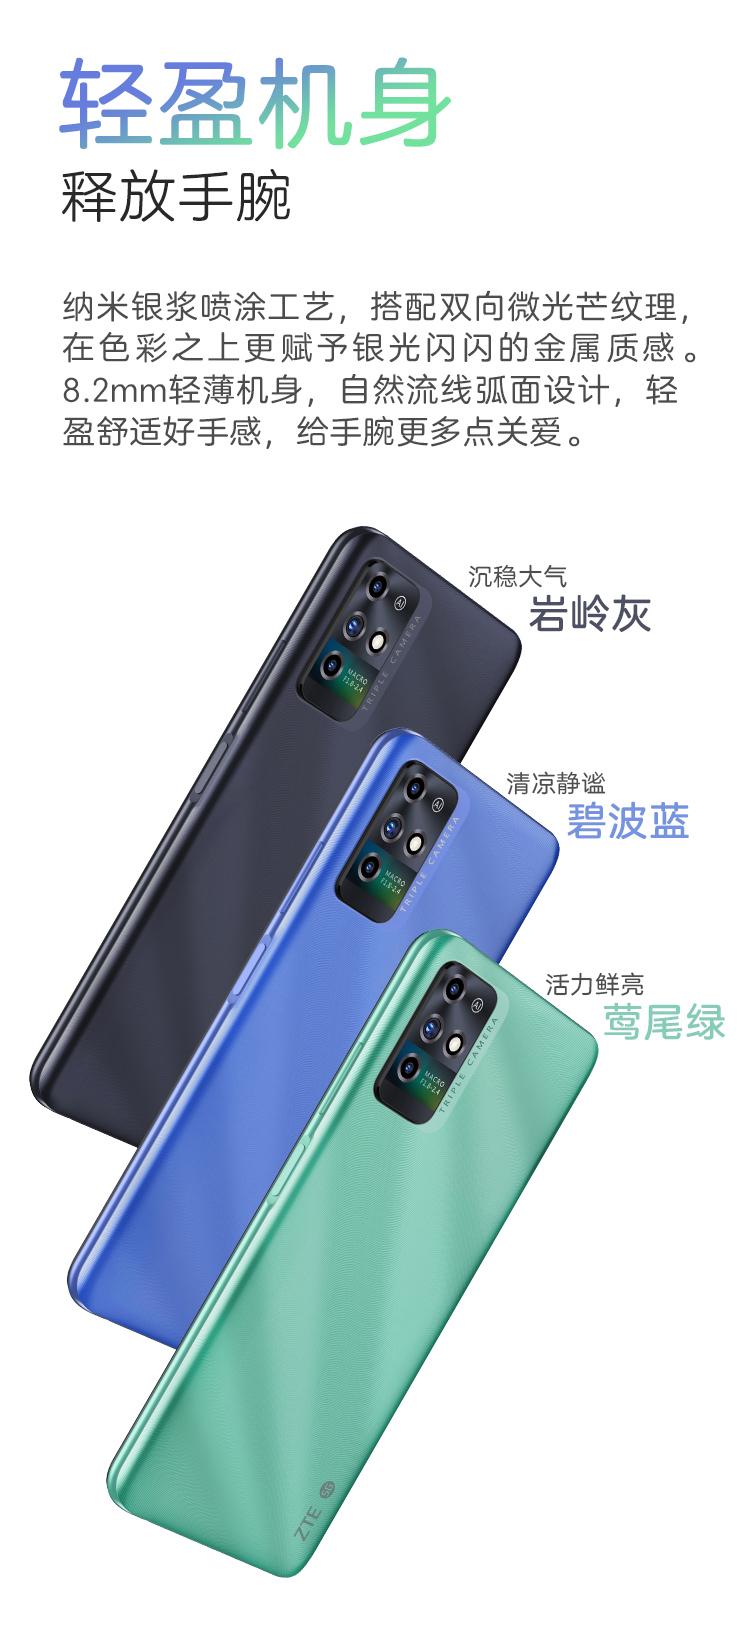 千元高刷大屏手机新品 中兴远航10发布